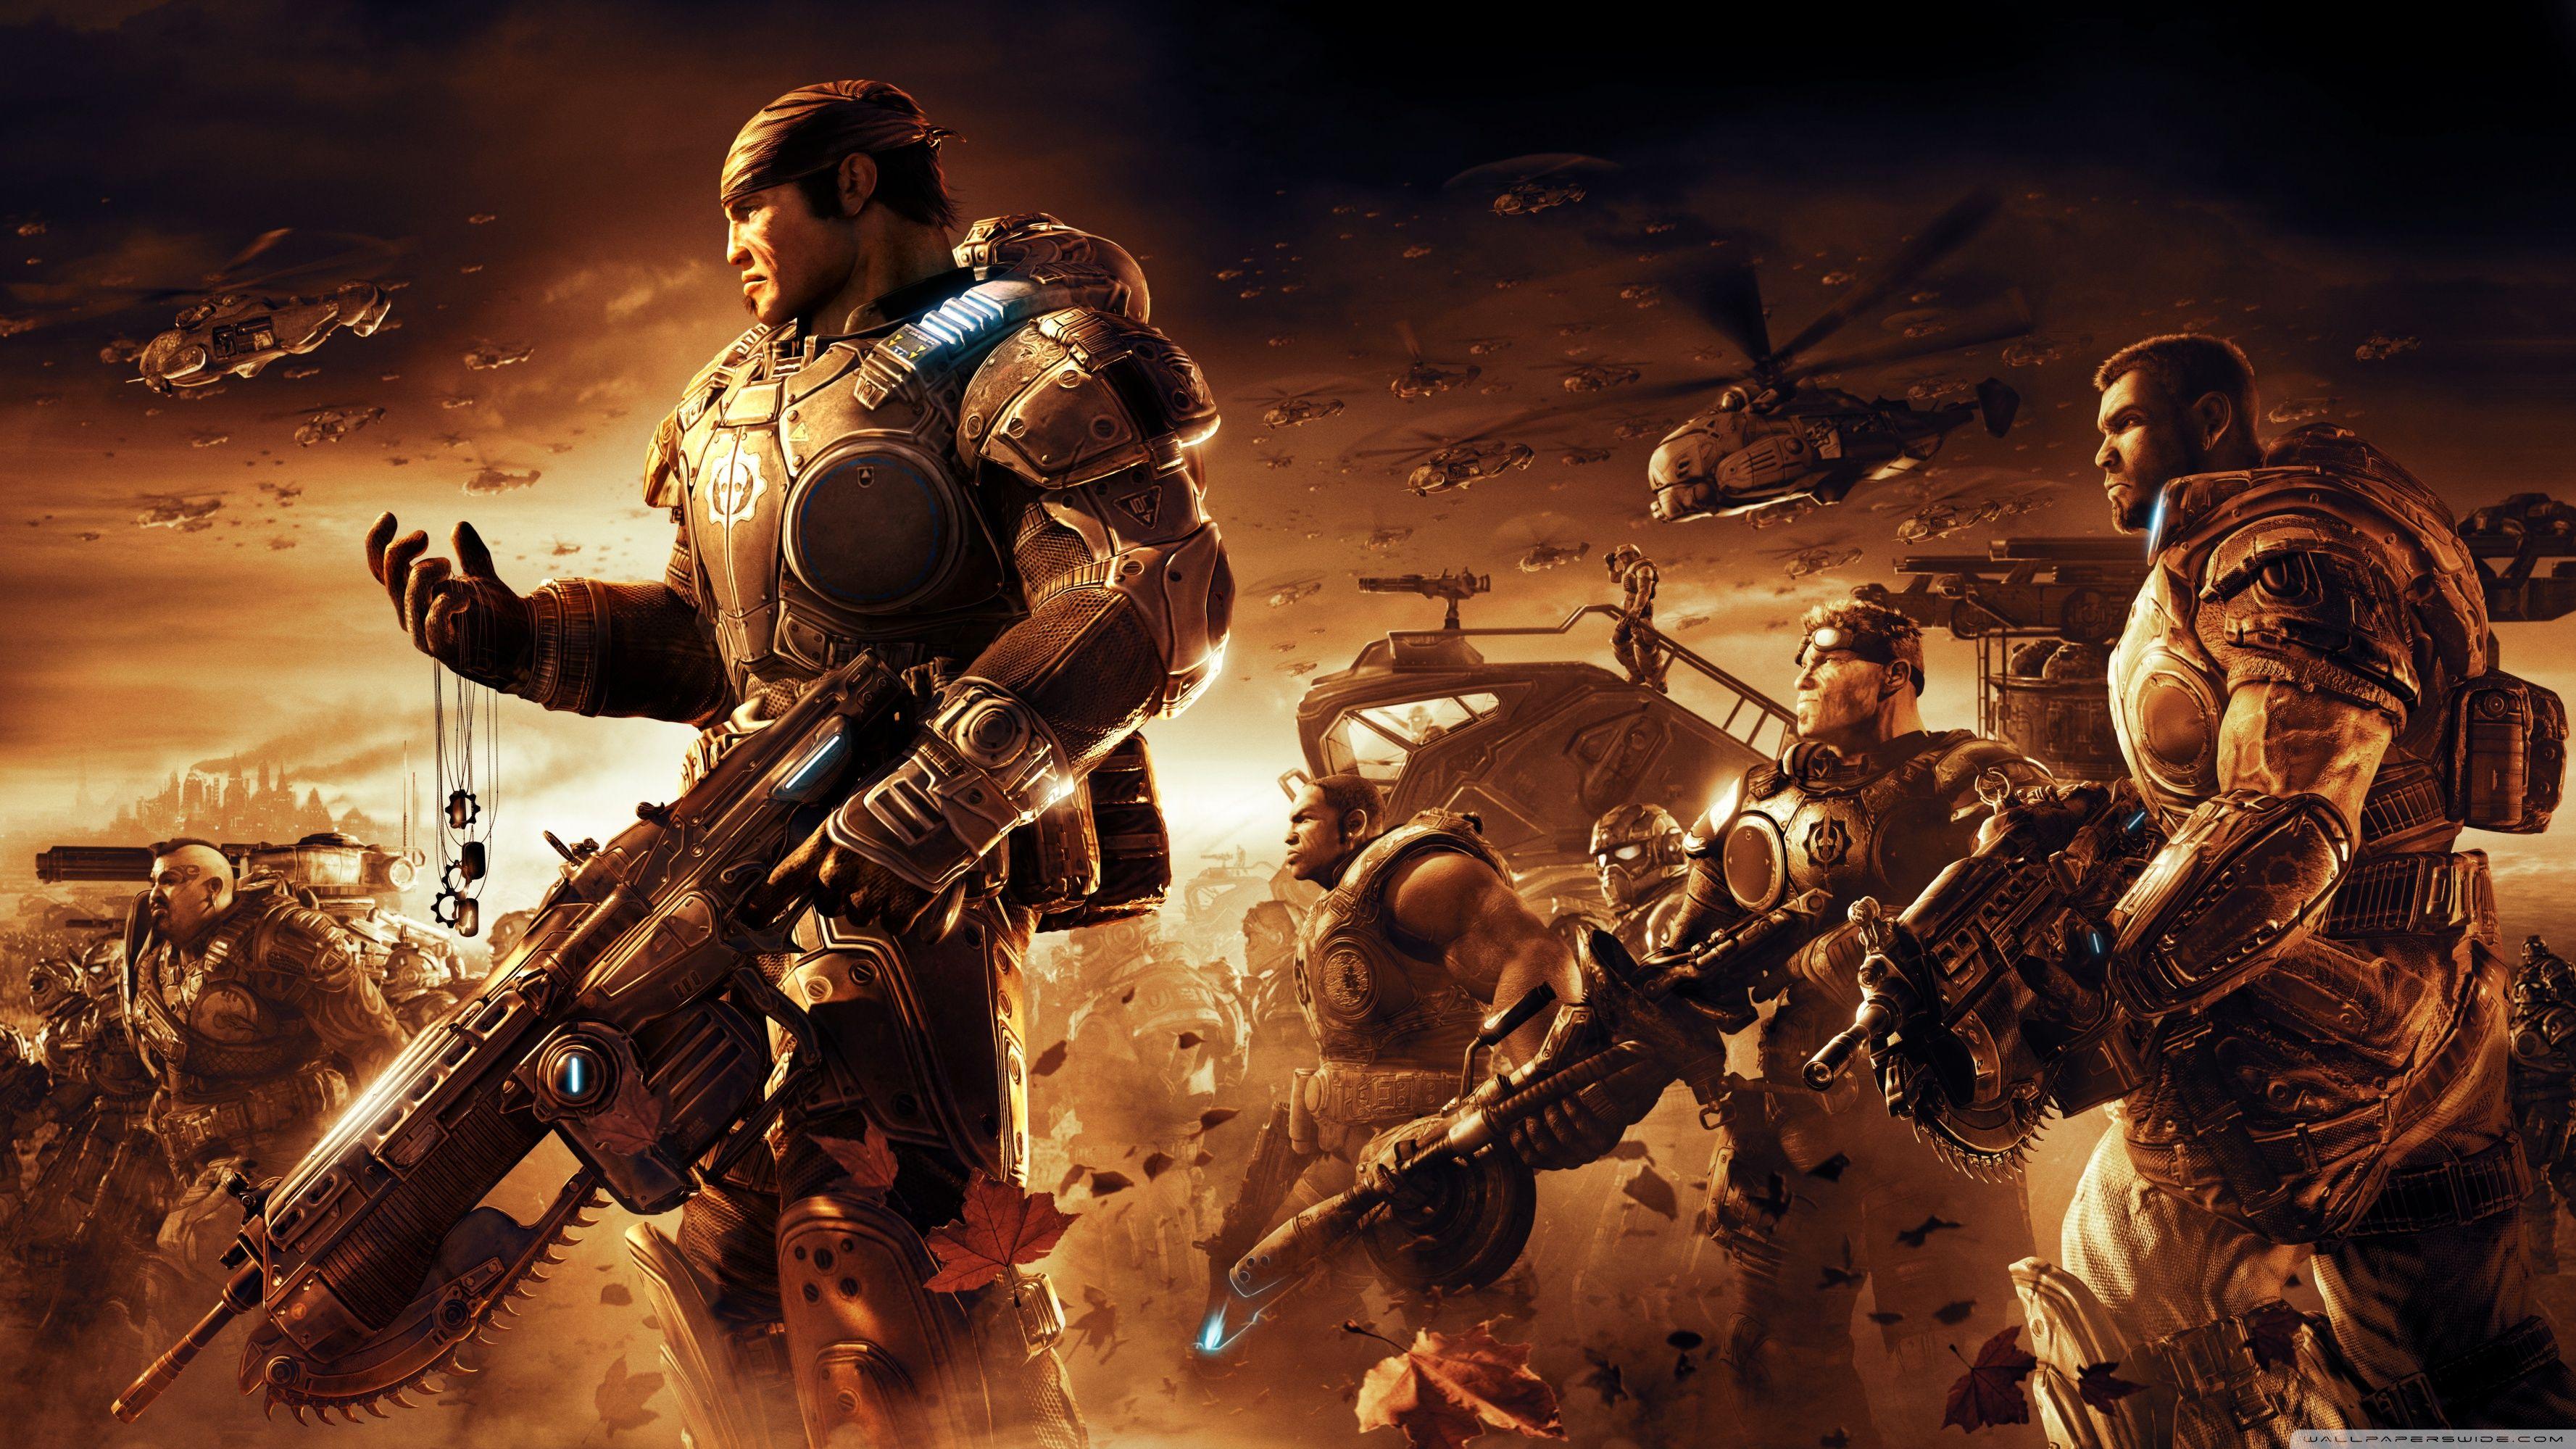 Gears Of War 2 4k 1382225 Hd Wallpaper Backgrounds